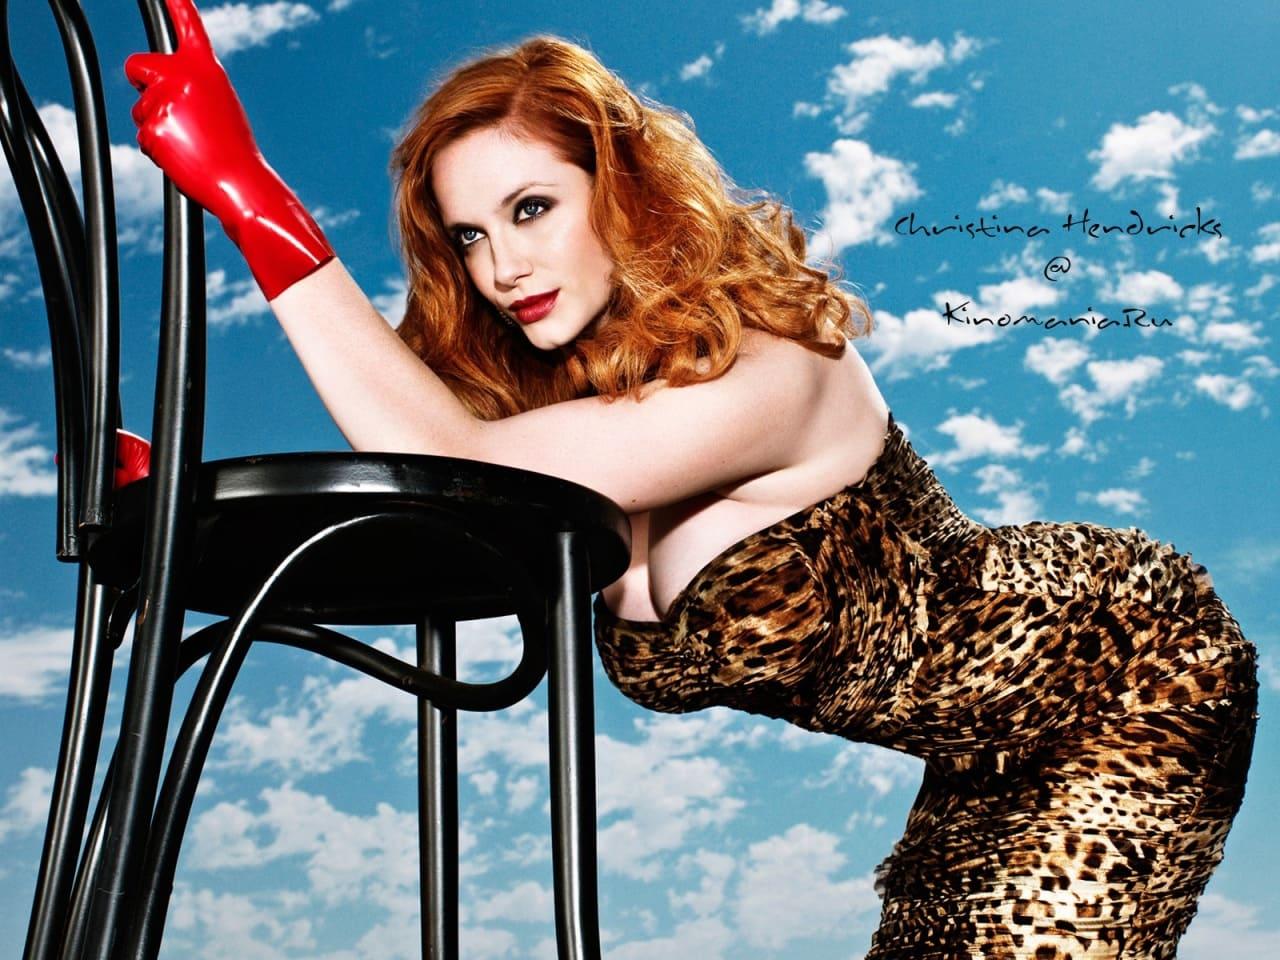 кристина рeне хендрикс фото стоит на коленях в леопардовом обтягивающем платье раком в красных перчатках